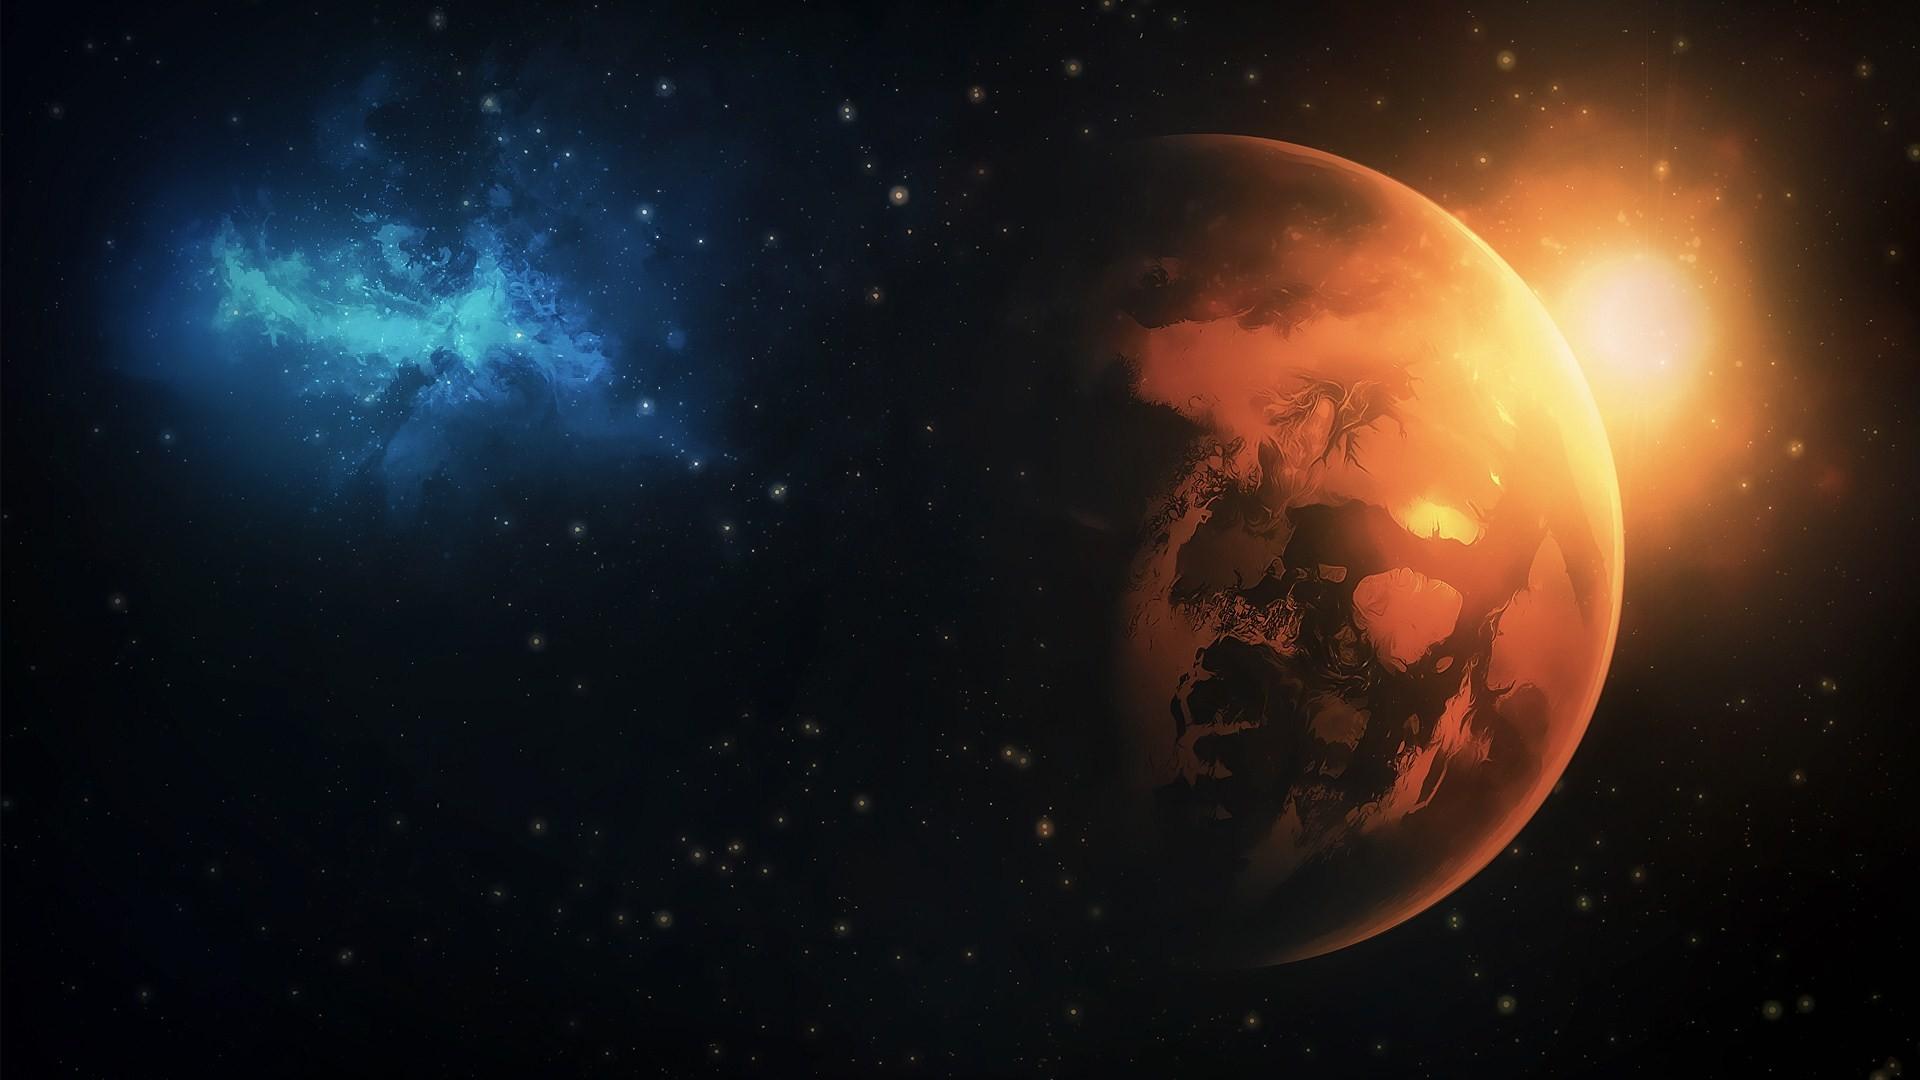 Space Universe Planets Stars Nebula HD Wallpaper